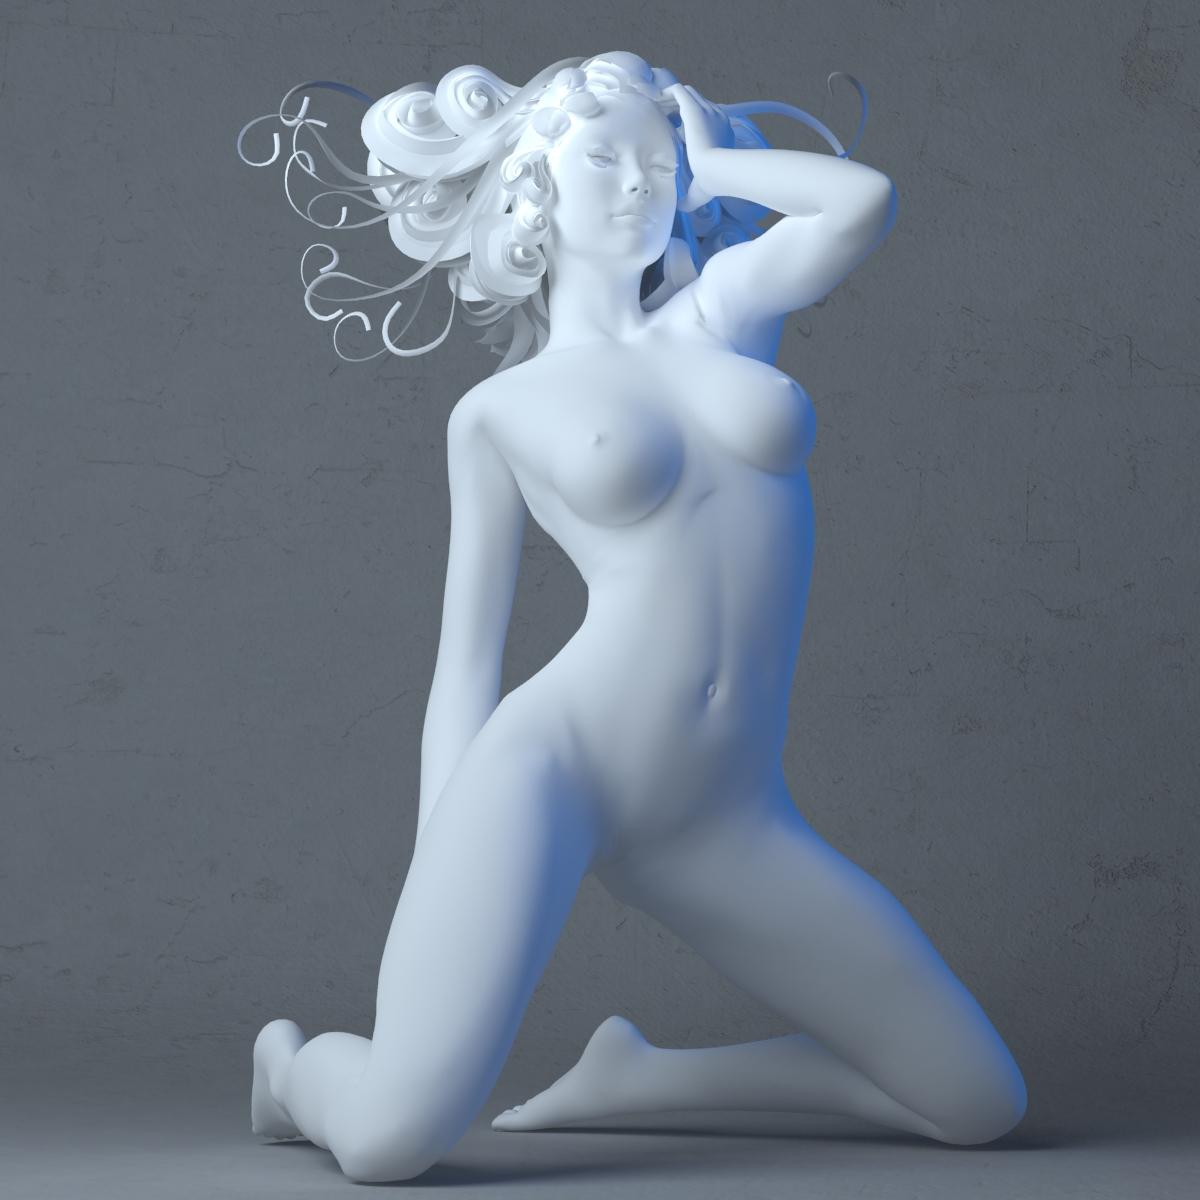 3d sculpture binosaurxxx nsfw comic